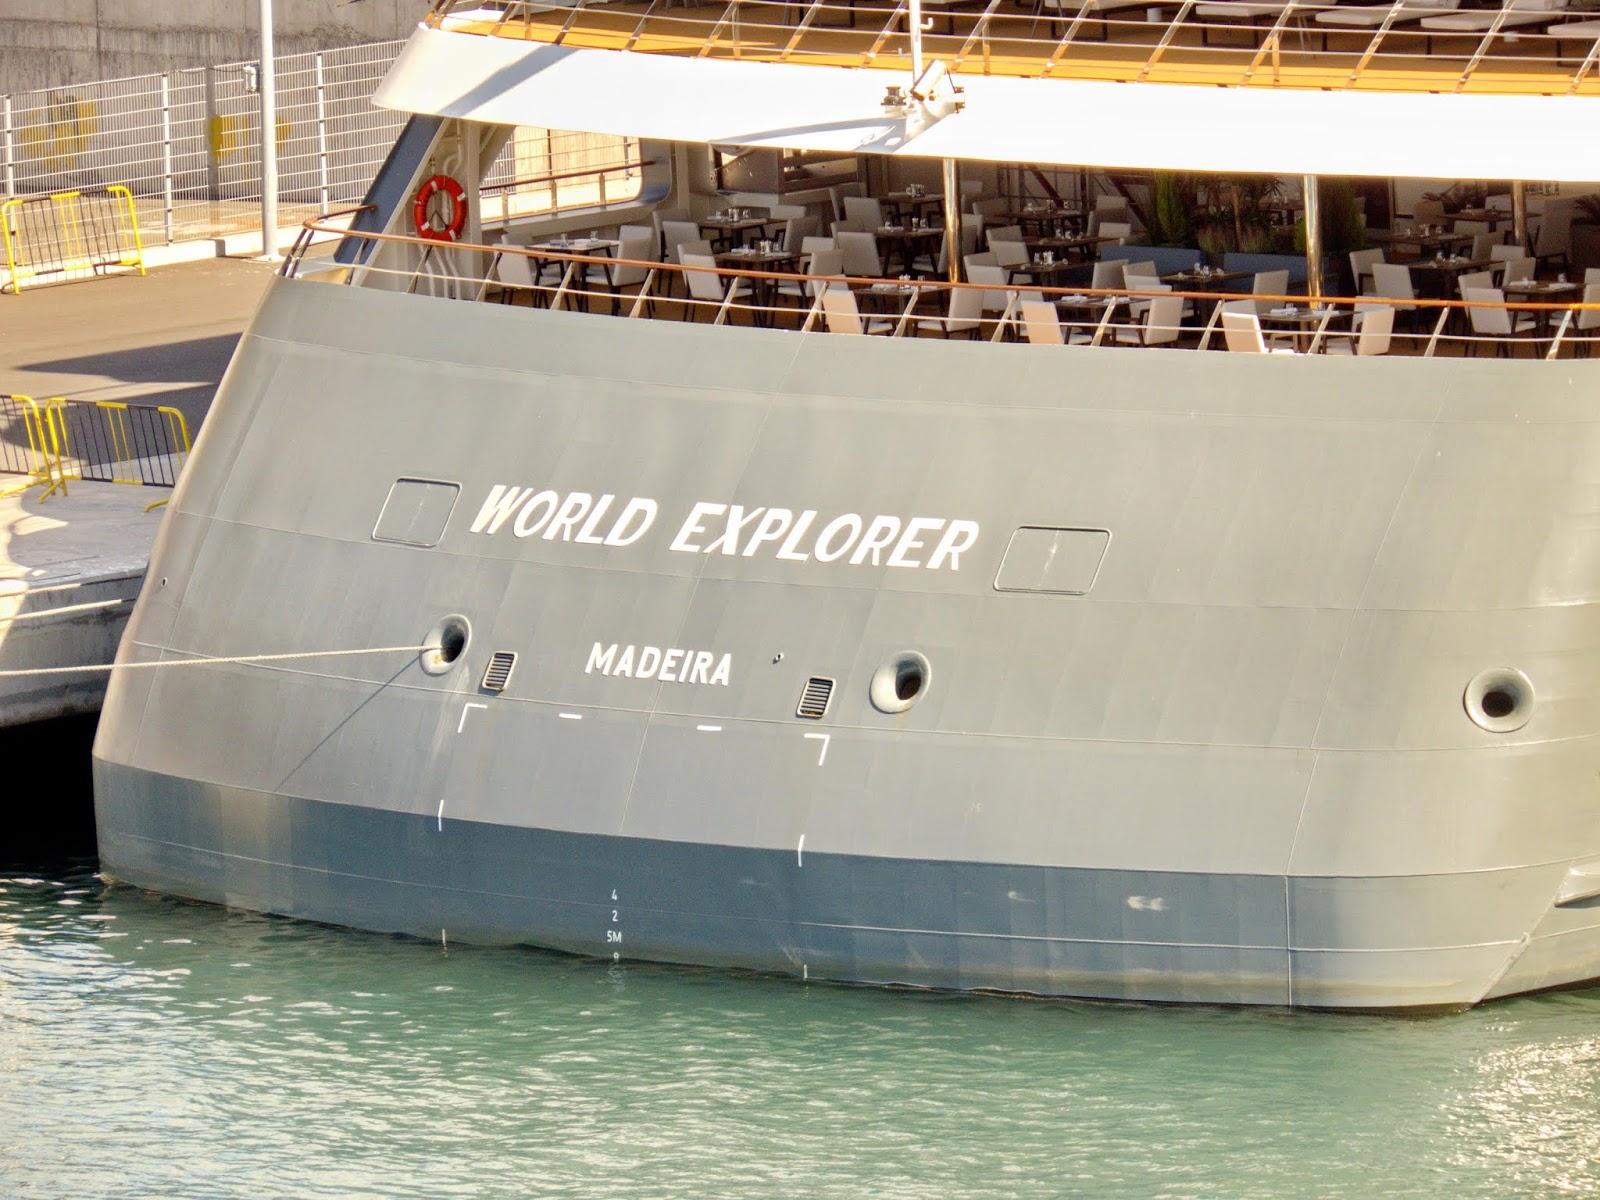 World Explorer com registo na Madeira